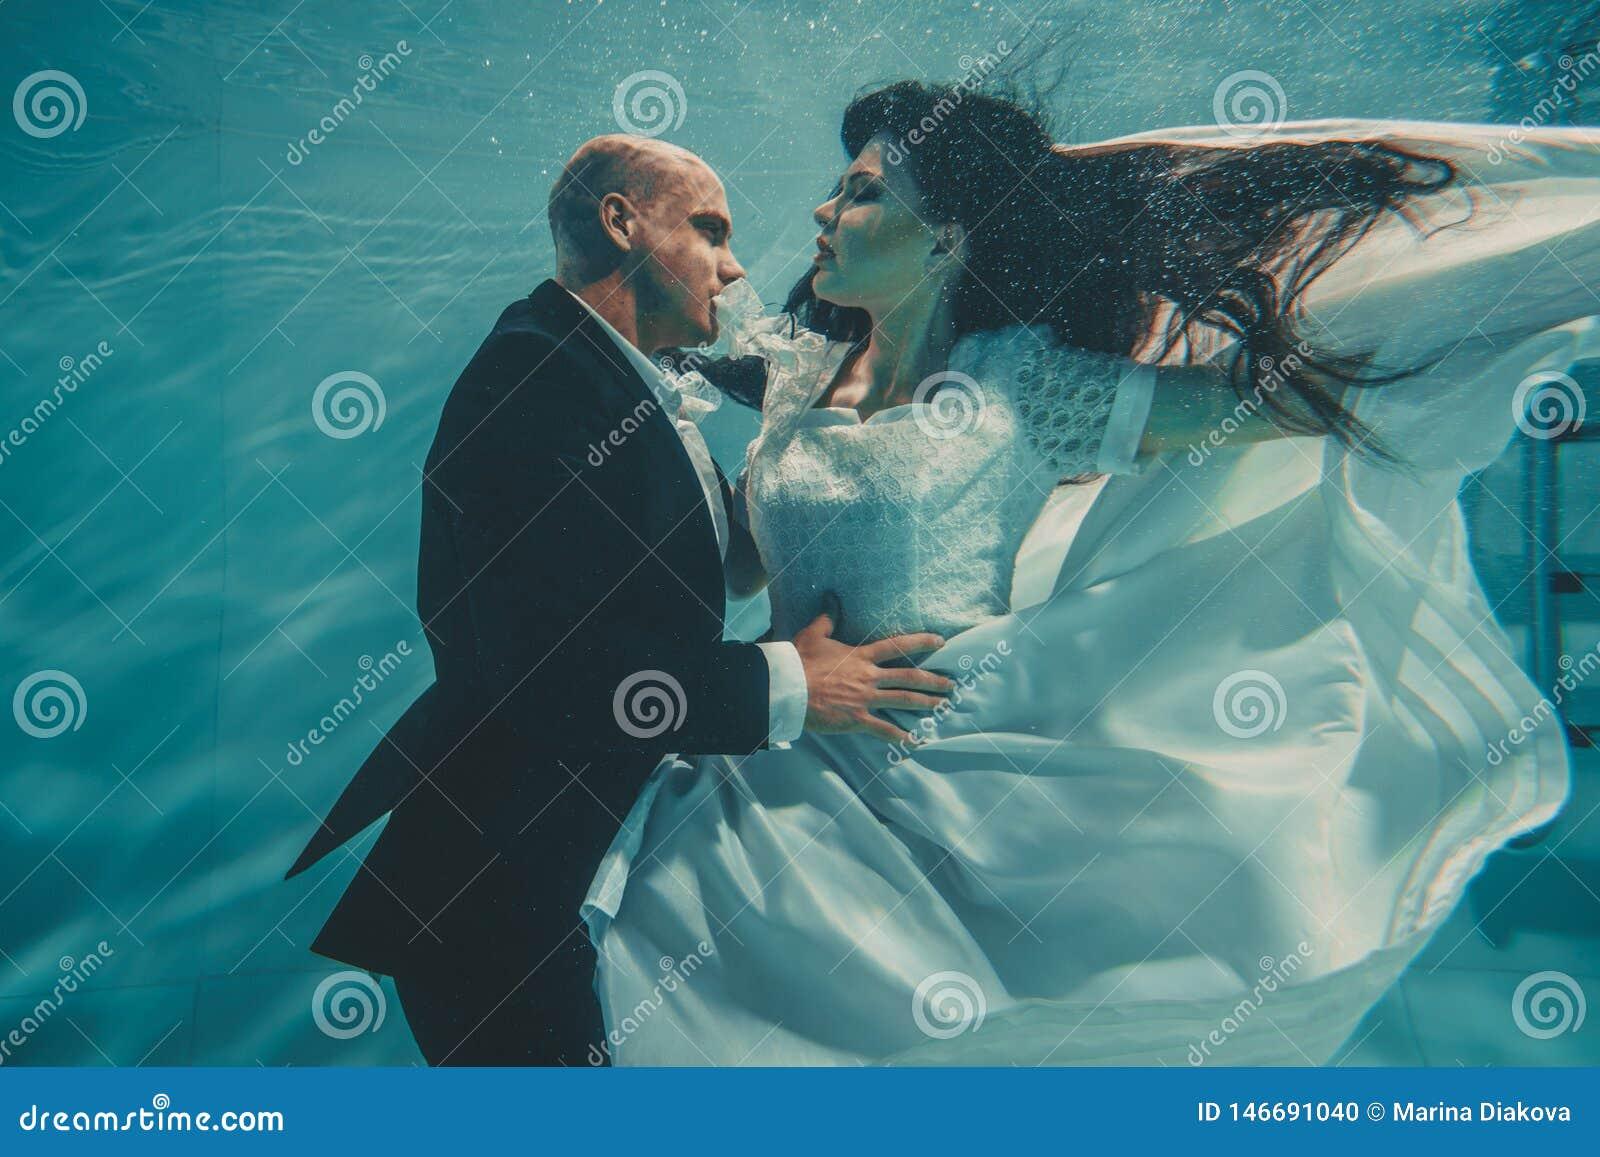 Το όμορφο ρομαντικό ζεύγος της νύφης και ο νεόνυμφος μετά από το γάμο που κολυμπούν ήπια κάτω από το νερό και χαλαρώνουν